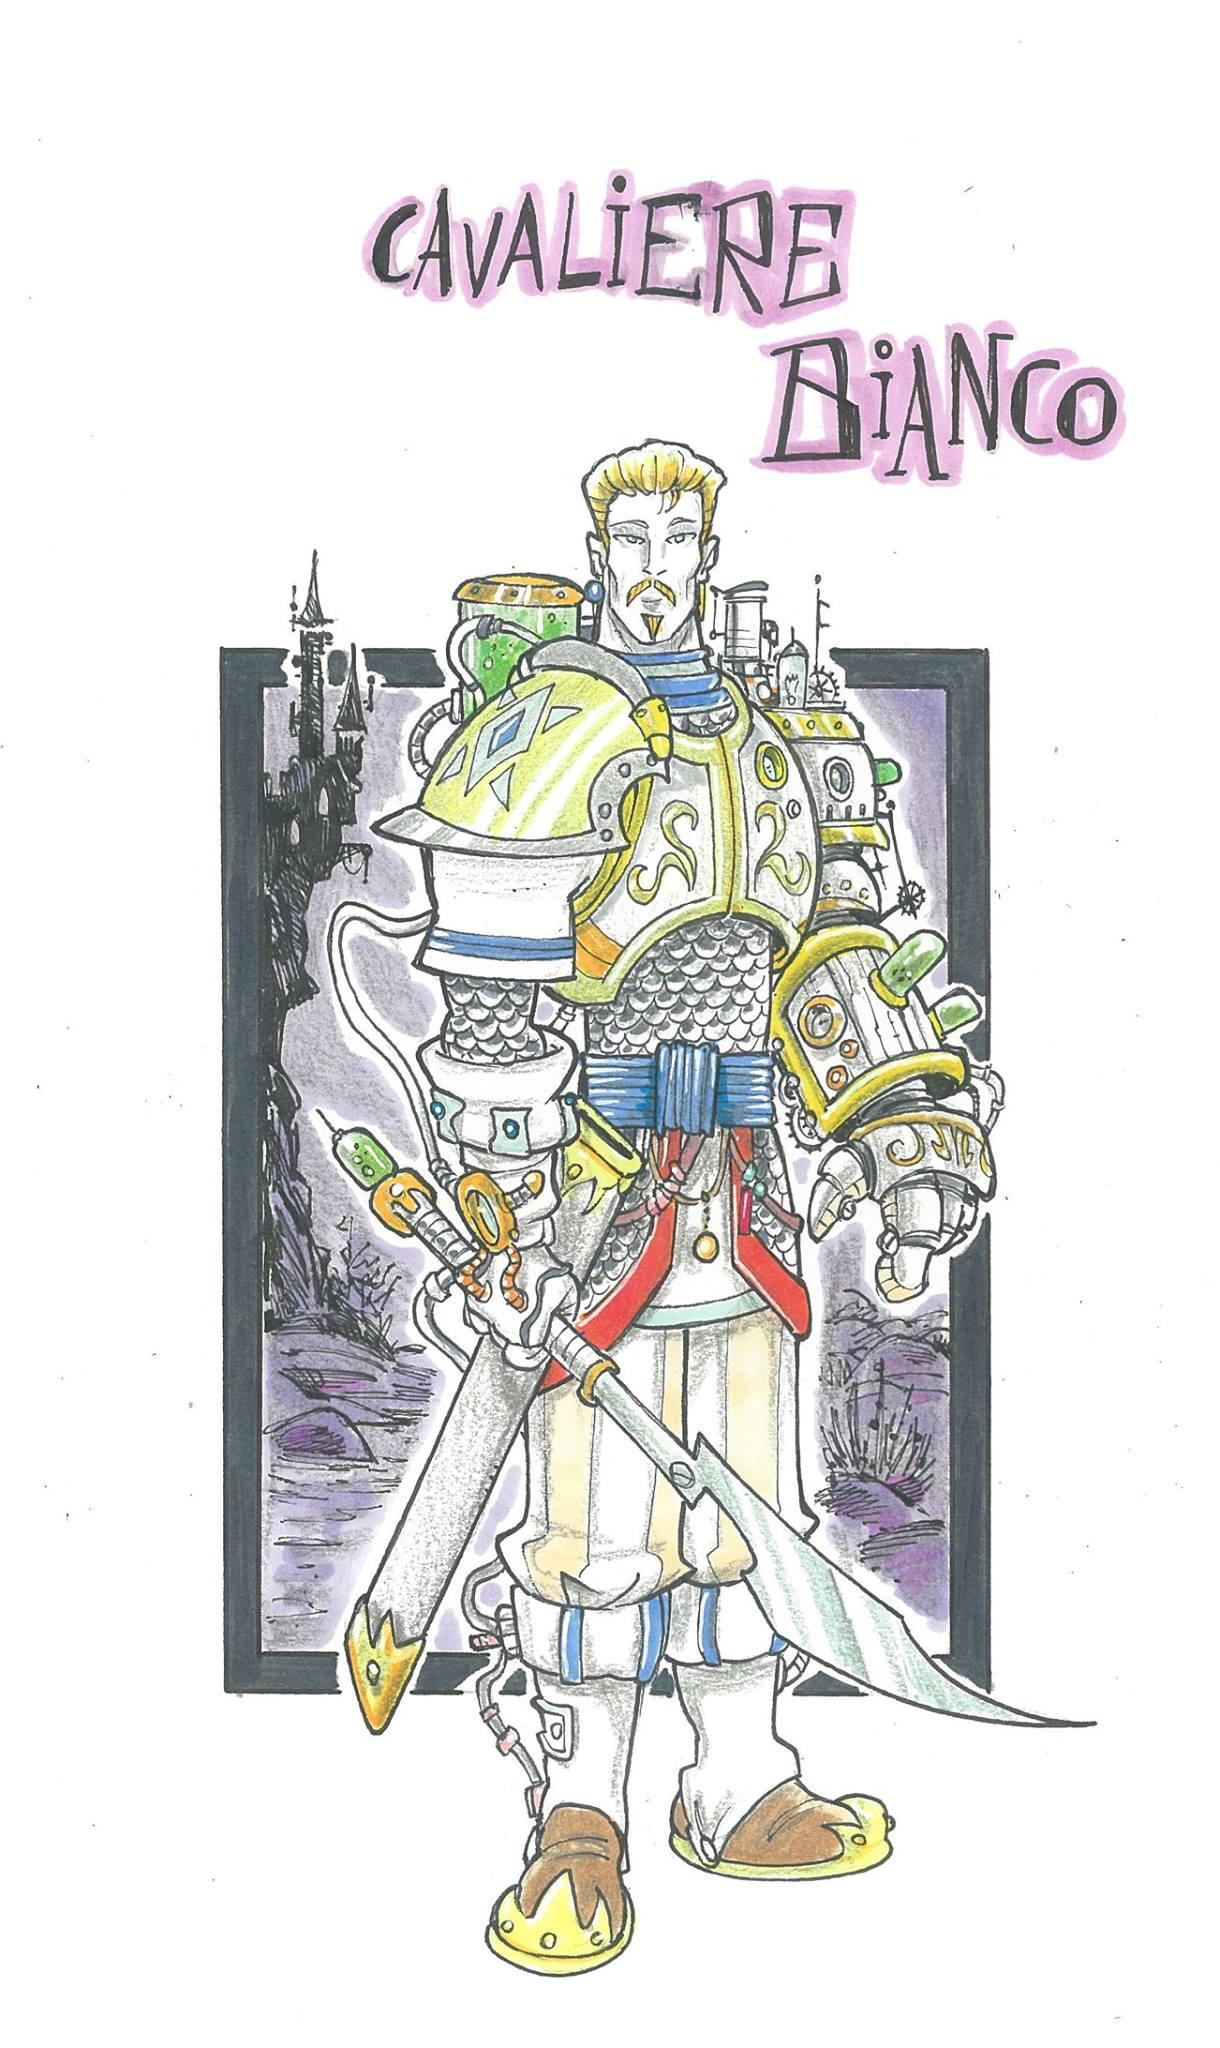 cavaliere-bianco-2-colore-copia